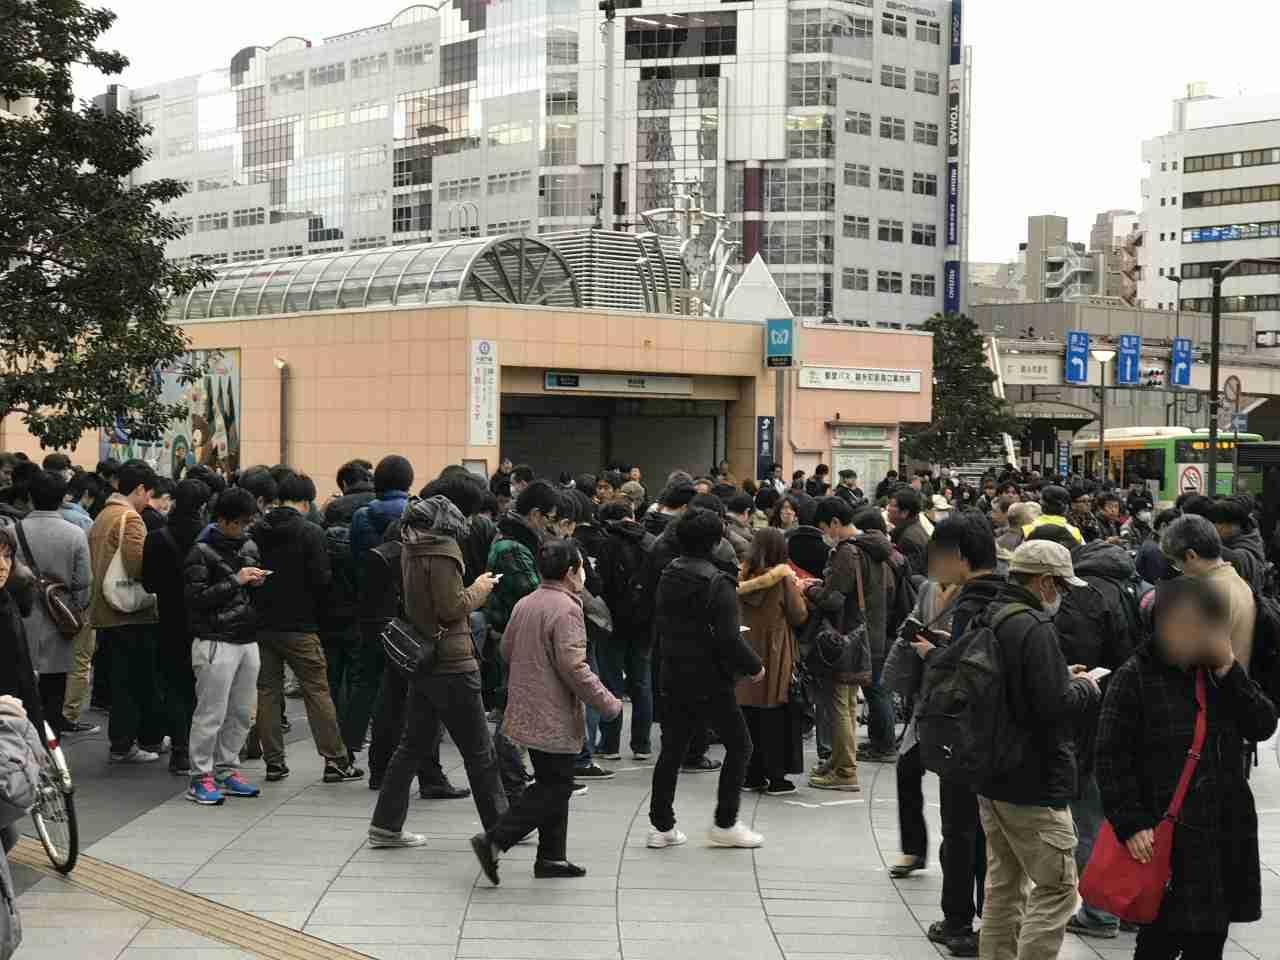 錦糸町駅前がポケモンGOプレイヤーで溢れる! 駅前だけでなく構内にまでとんでもない人の数 | ゴゴ通信